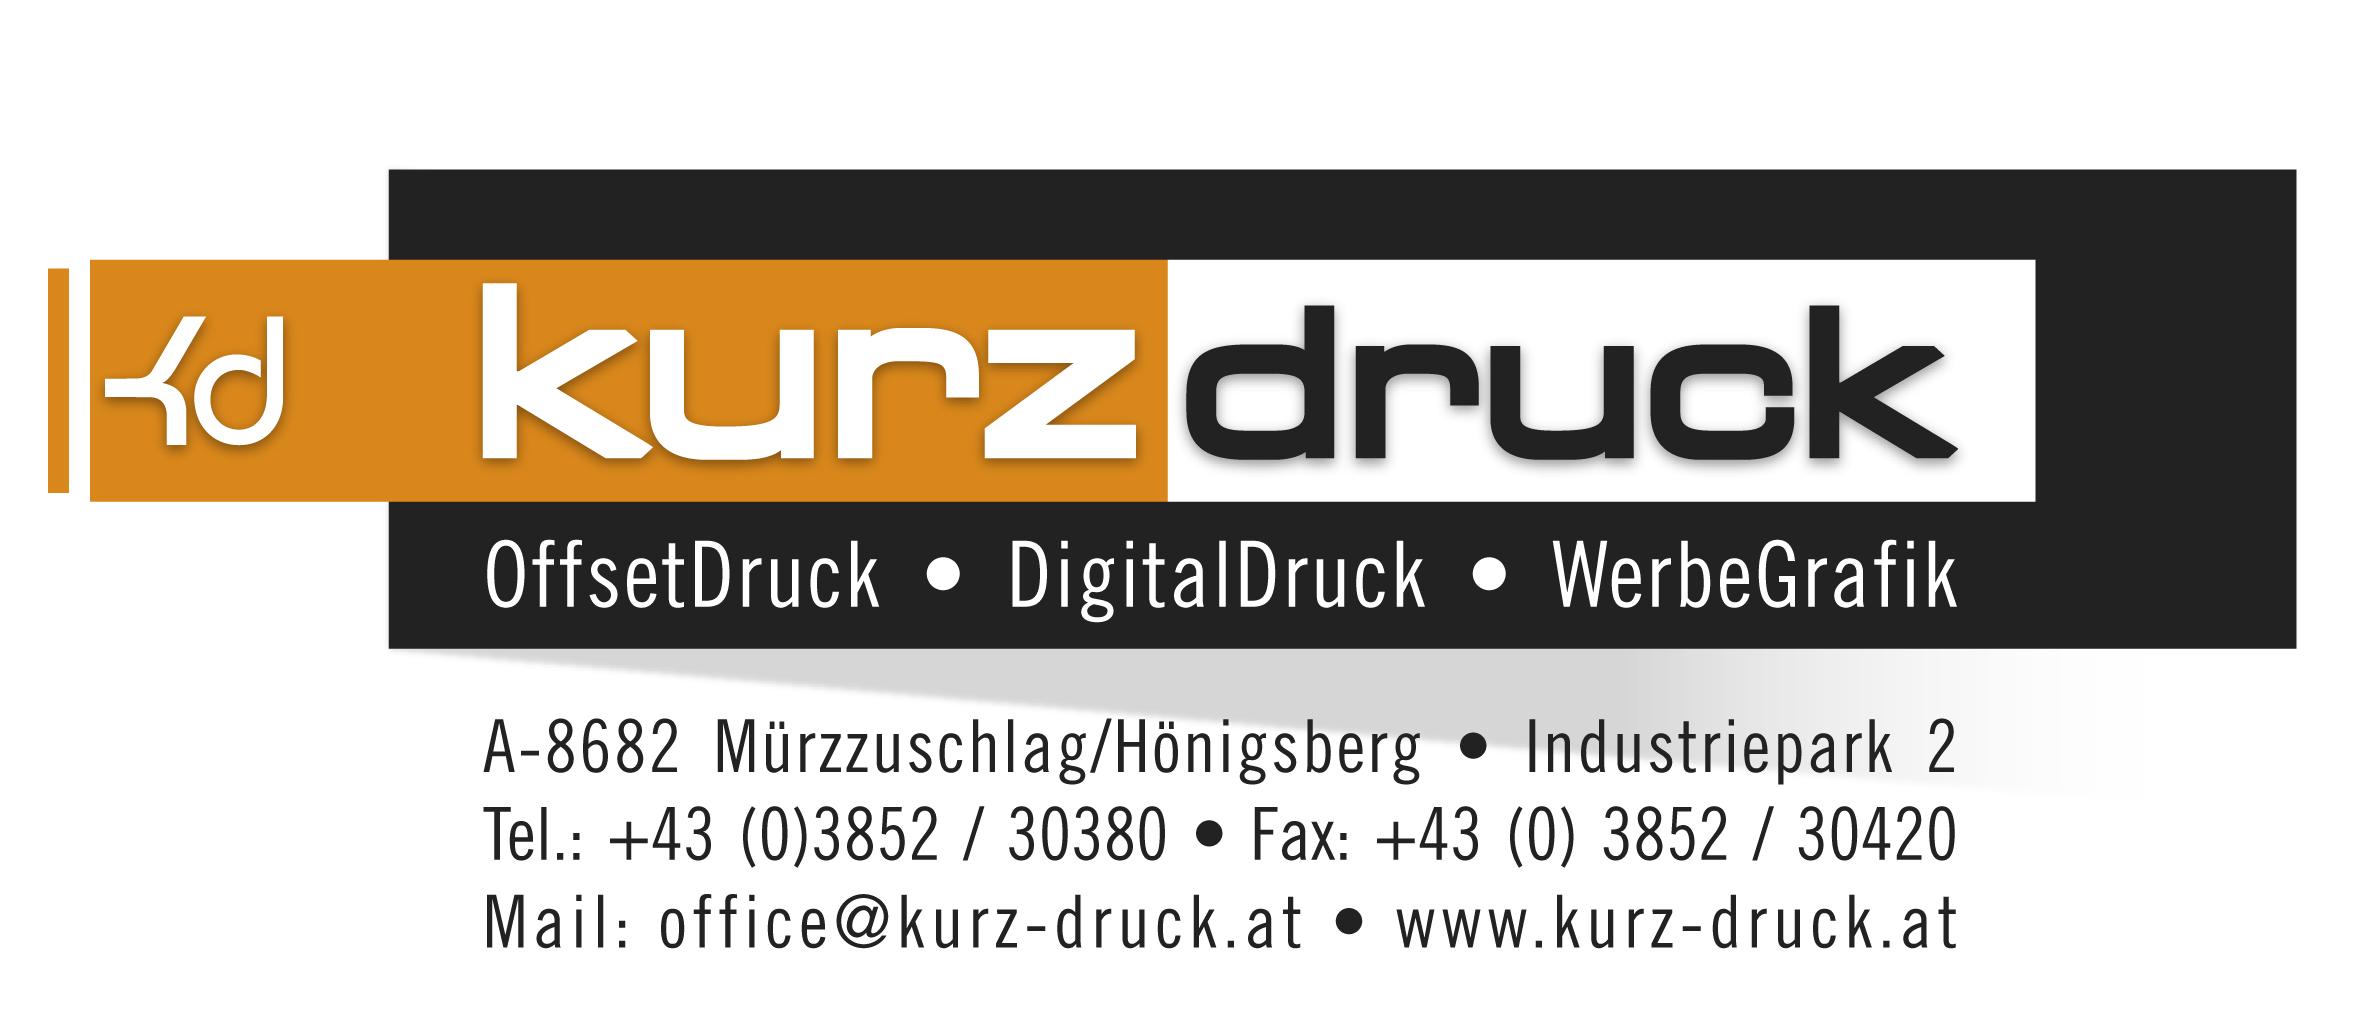 KurzDruck - Offsetdruck Ing. Kurz GmbH